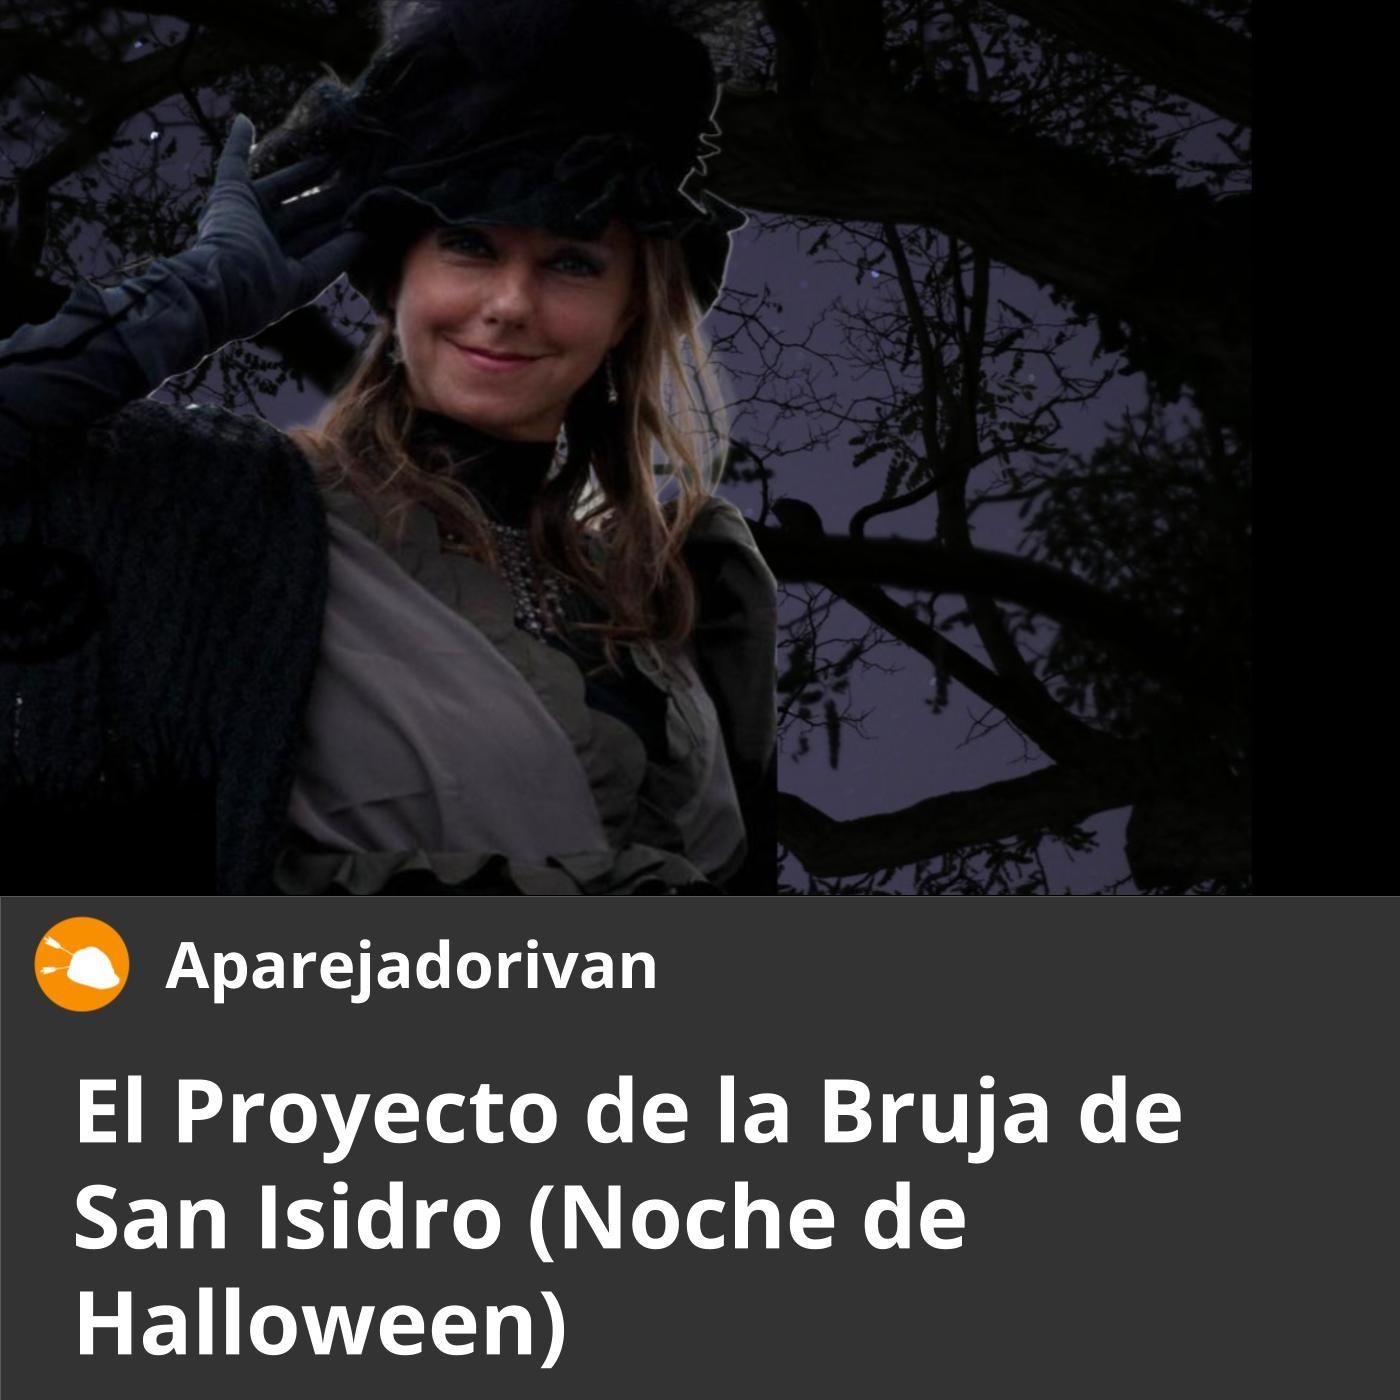 el proyecto de la bruja de san isidro noche de halloween